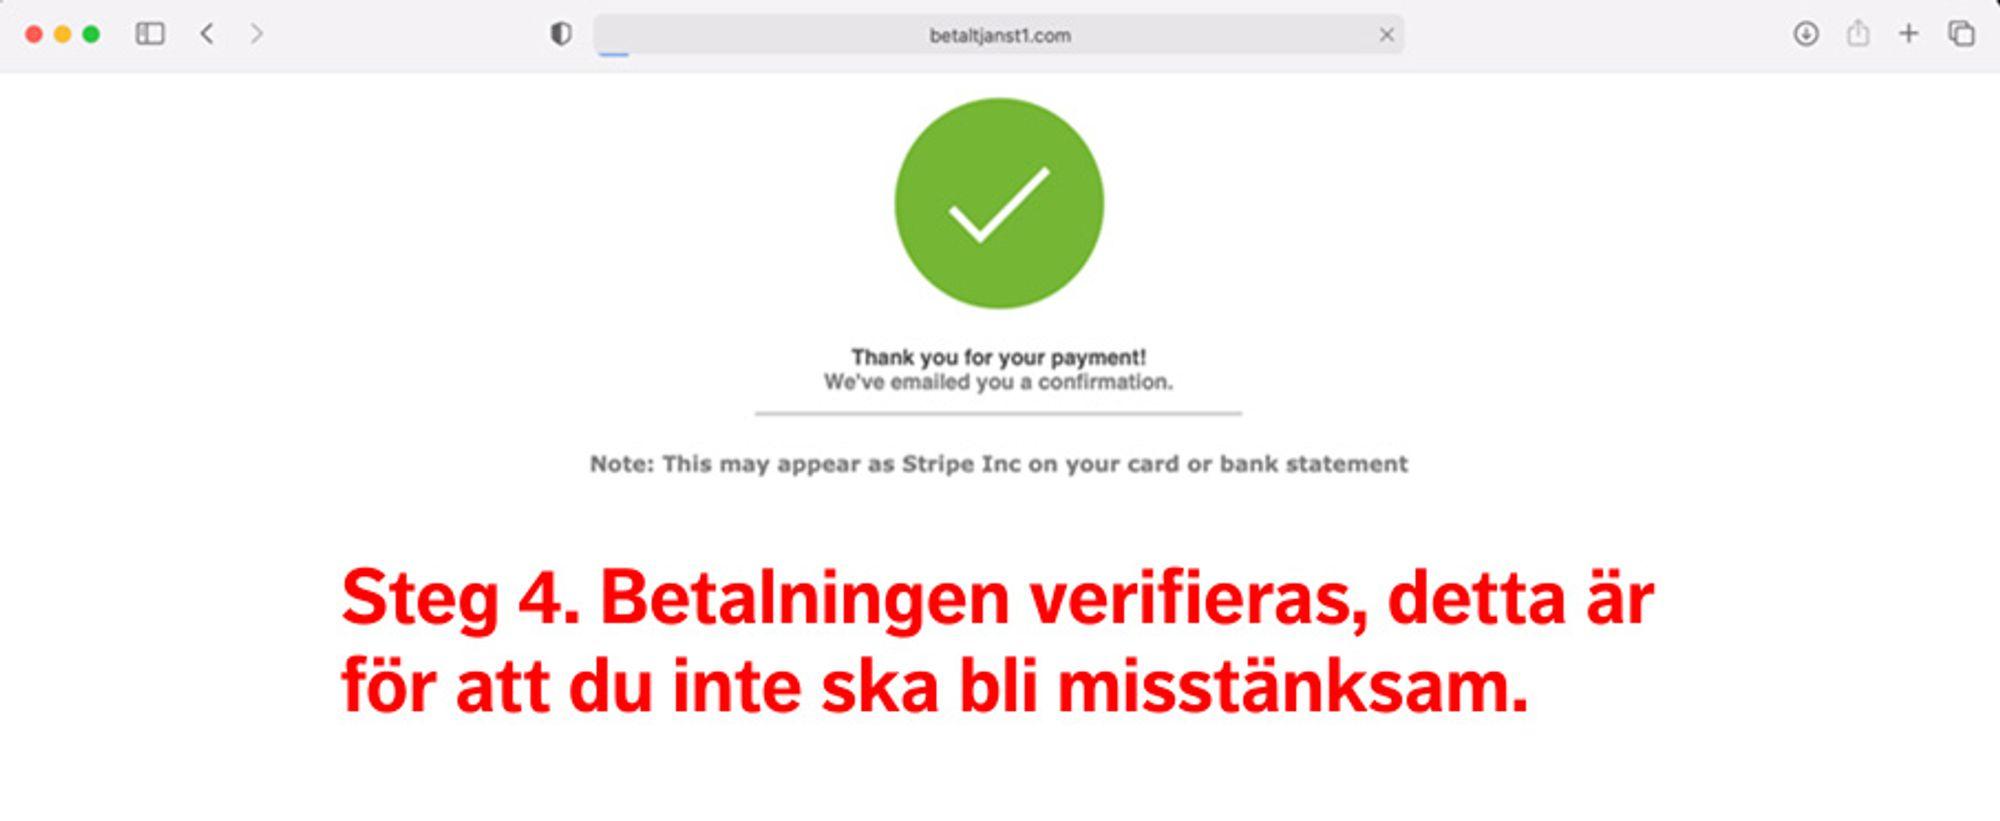 Varning för falsk webbsida som liknar Postnord